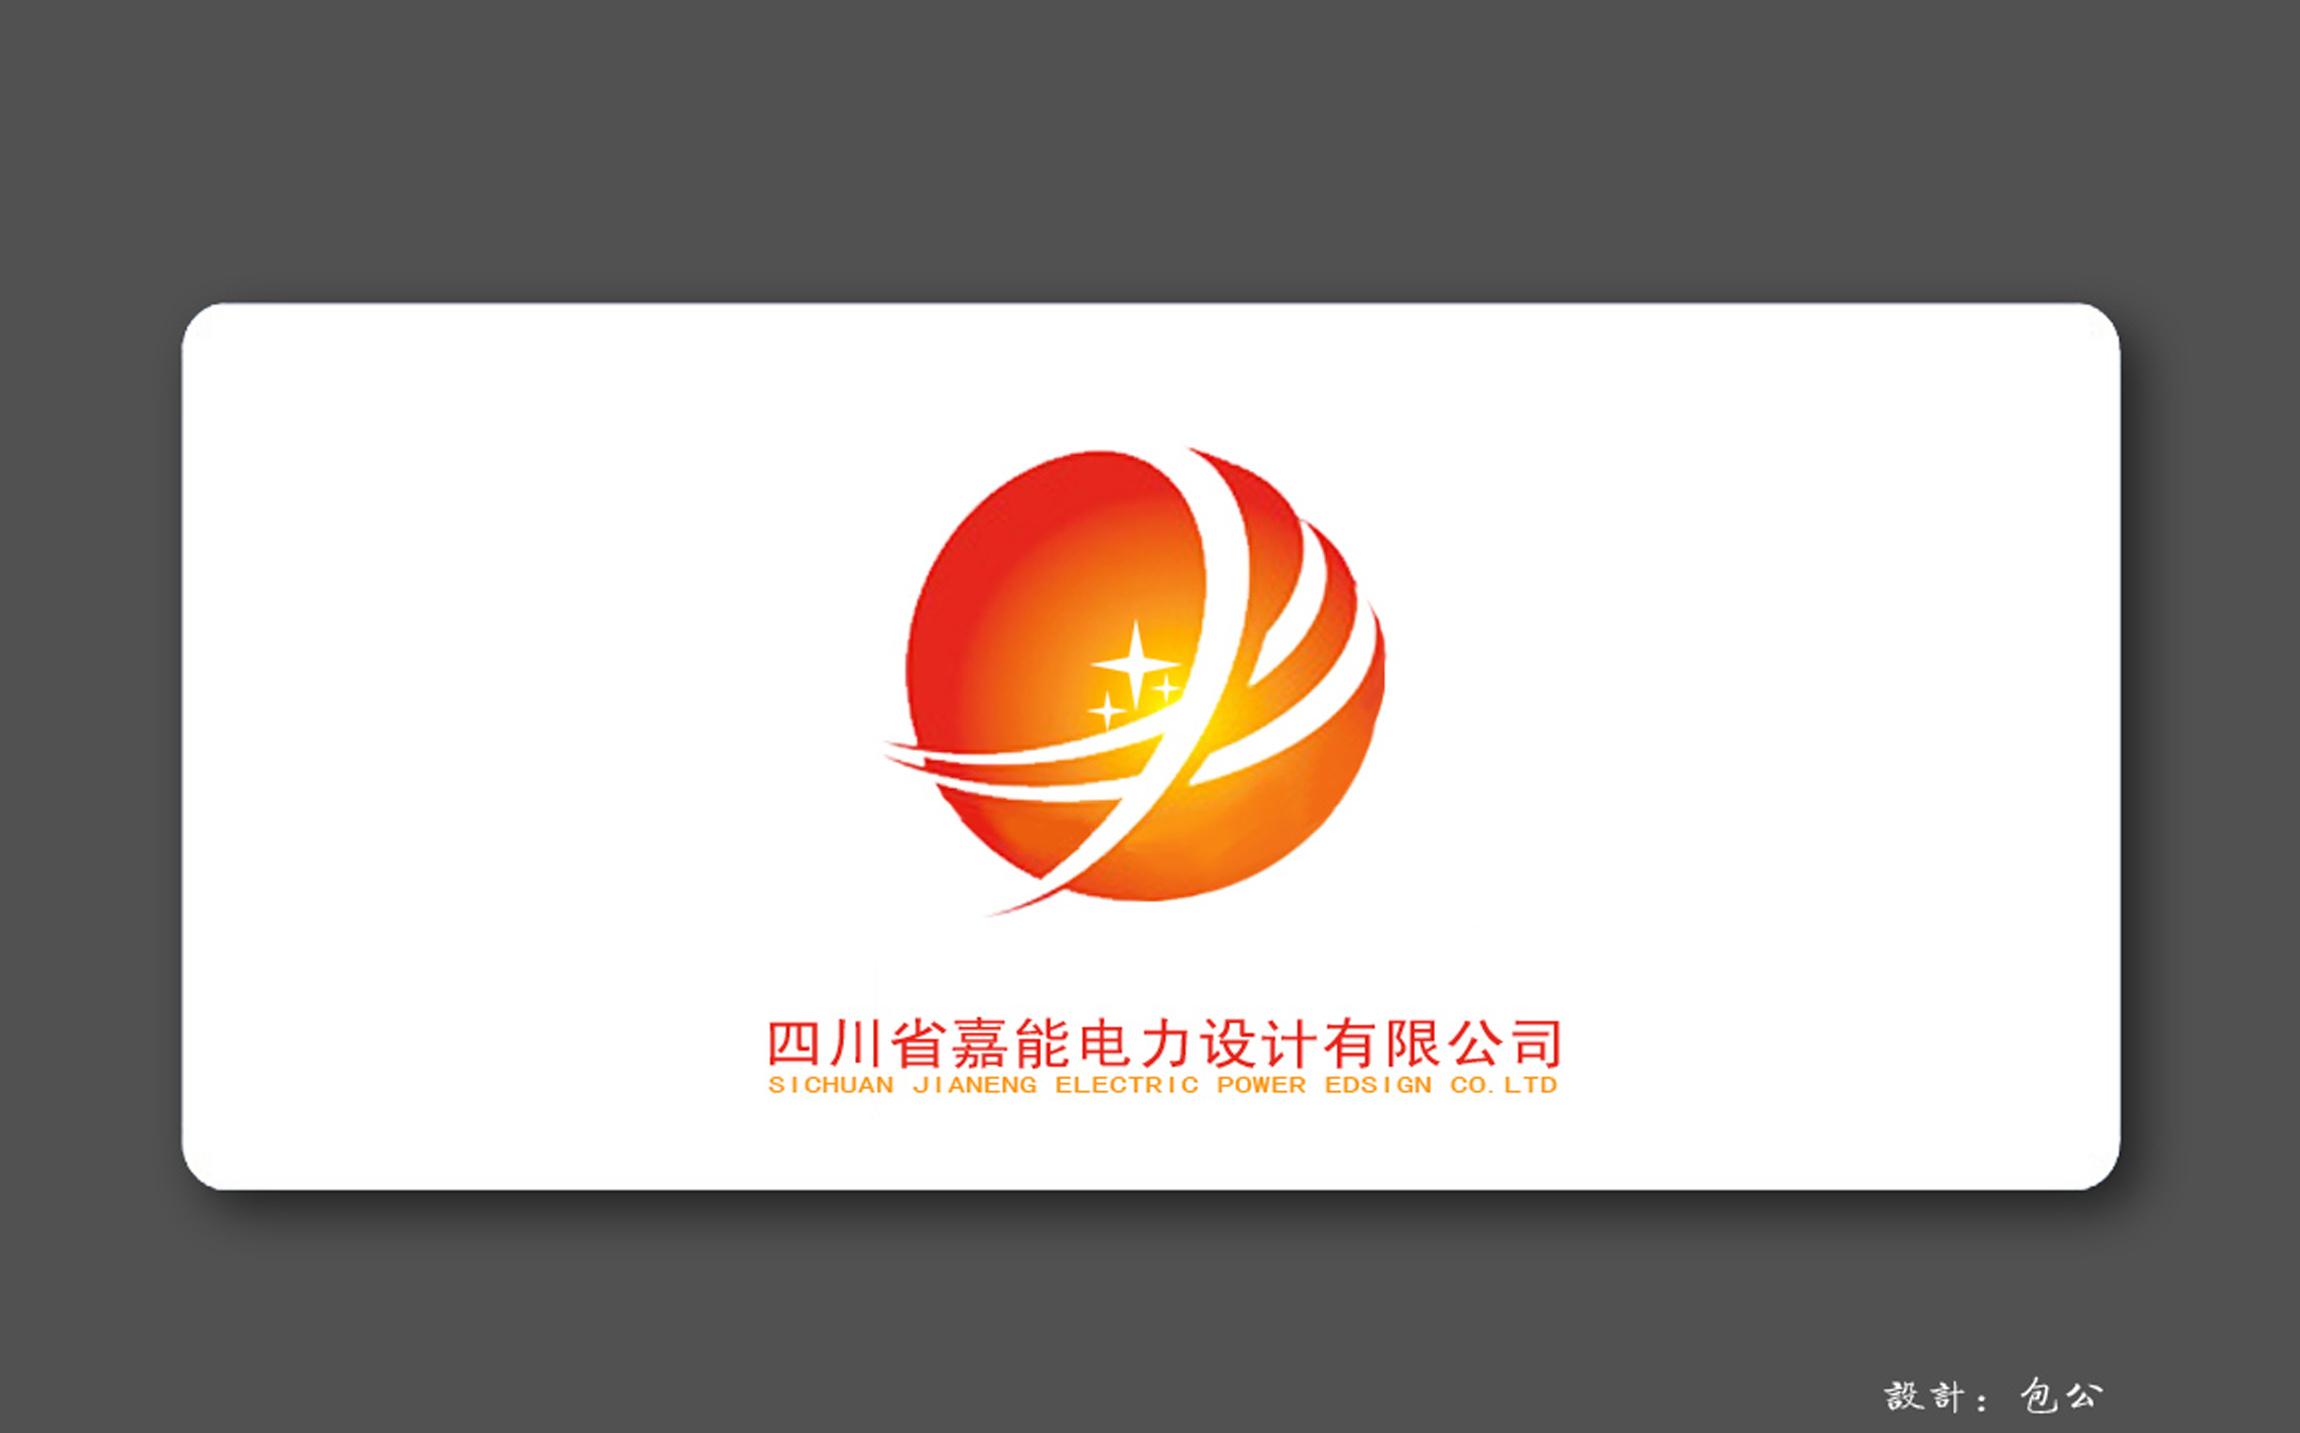 四川嘉能電力設計有限公司最新招聘信息